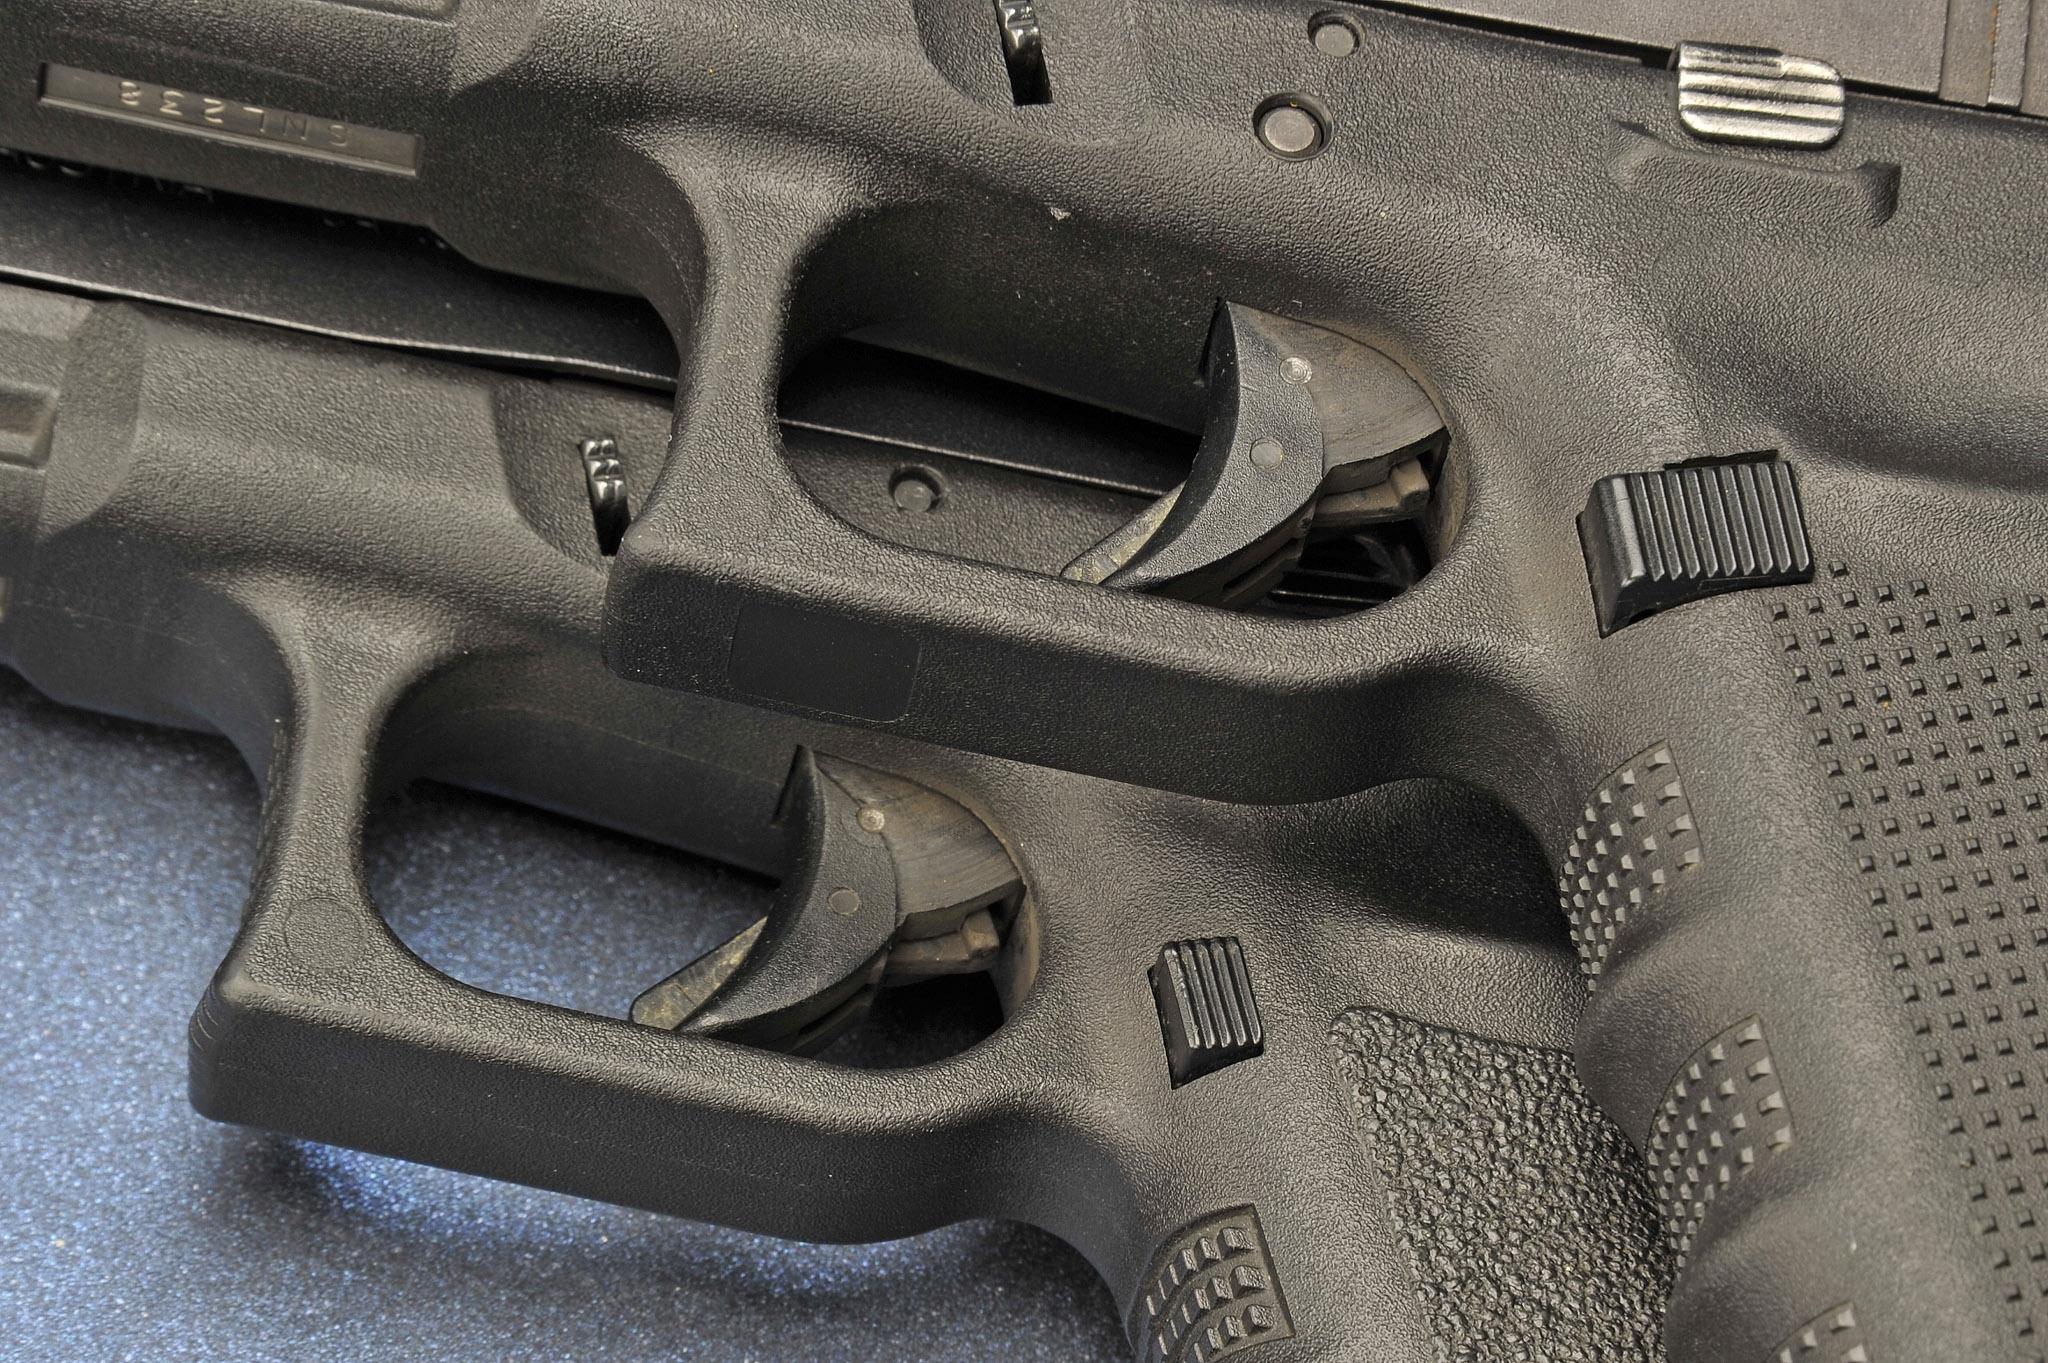 Glock 17 Gen 4 Background